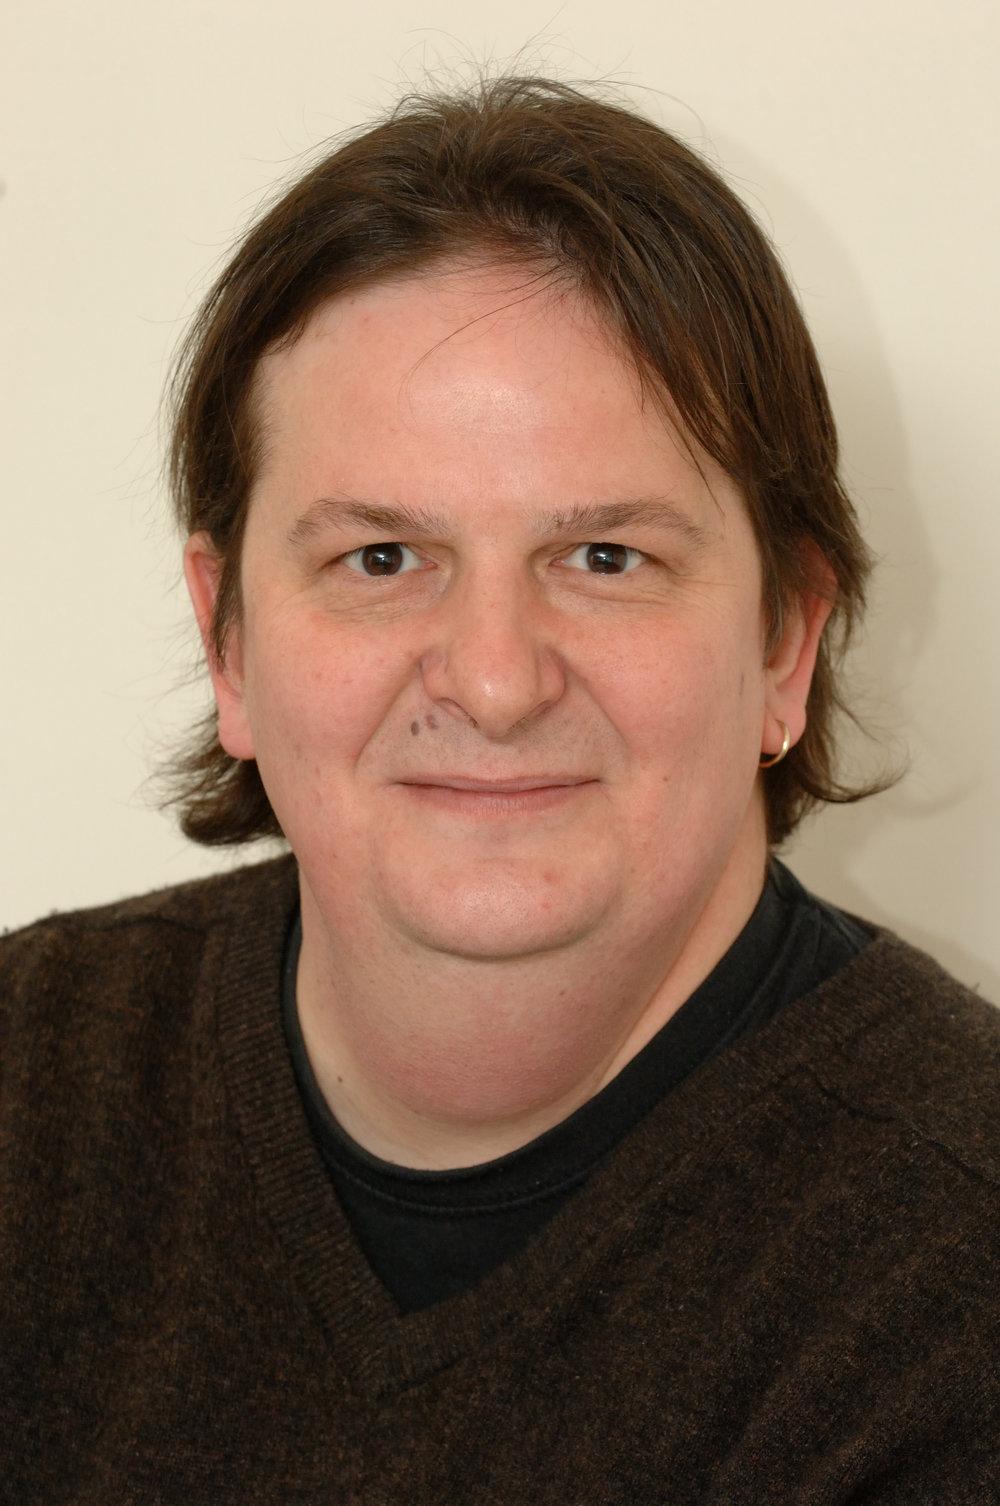 Andrew forster.jpg